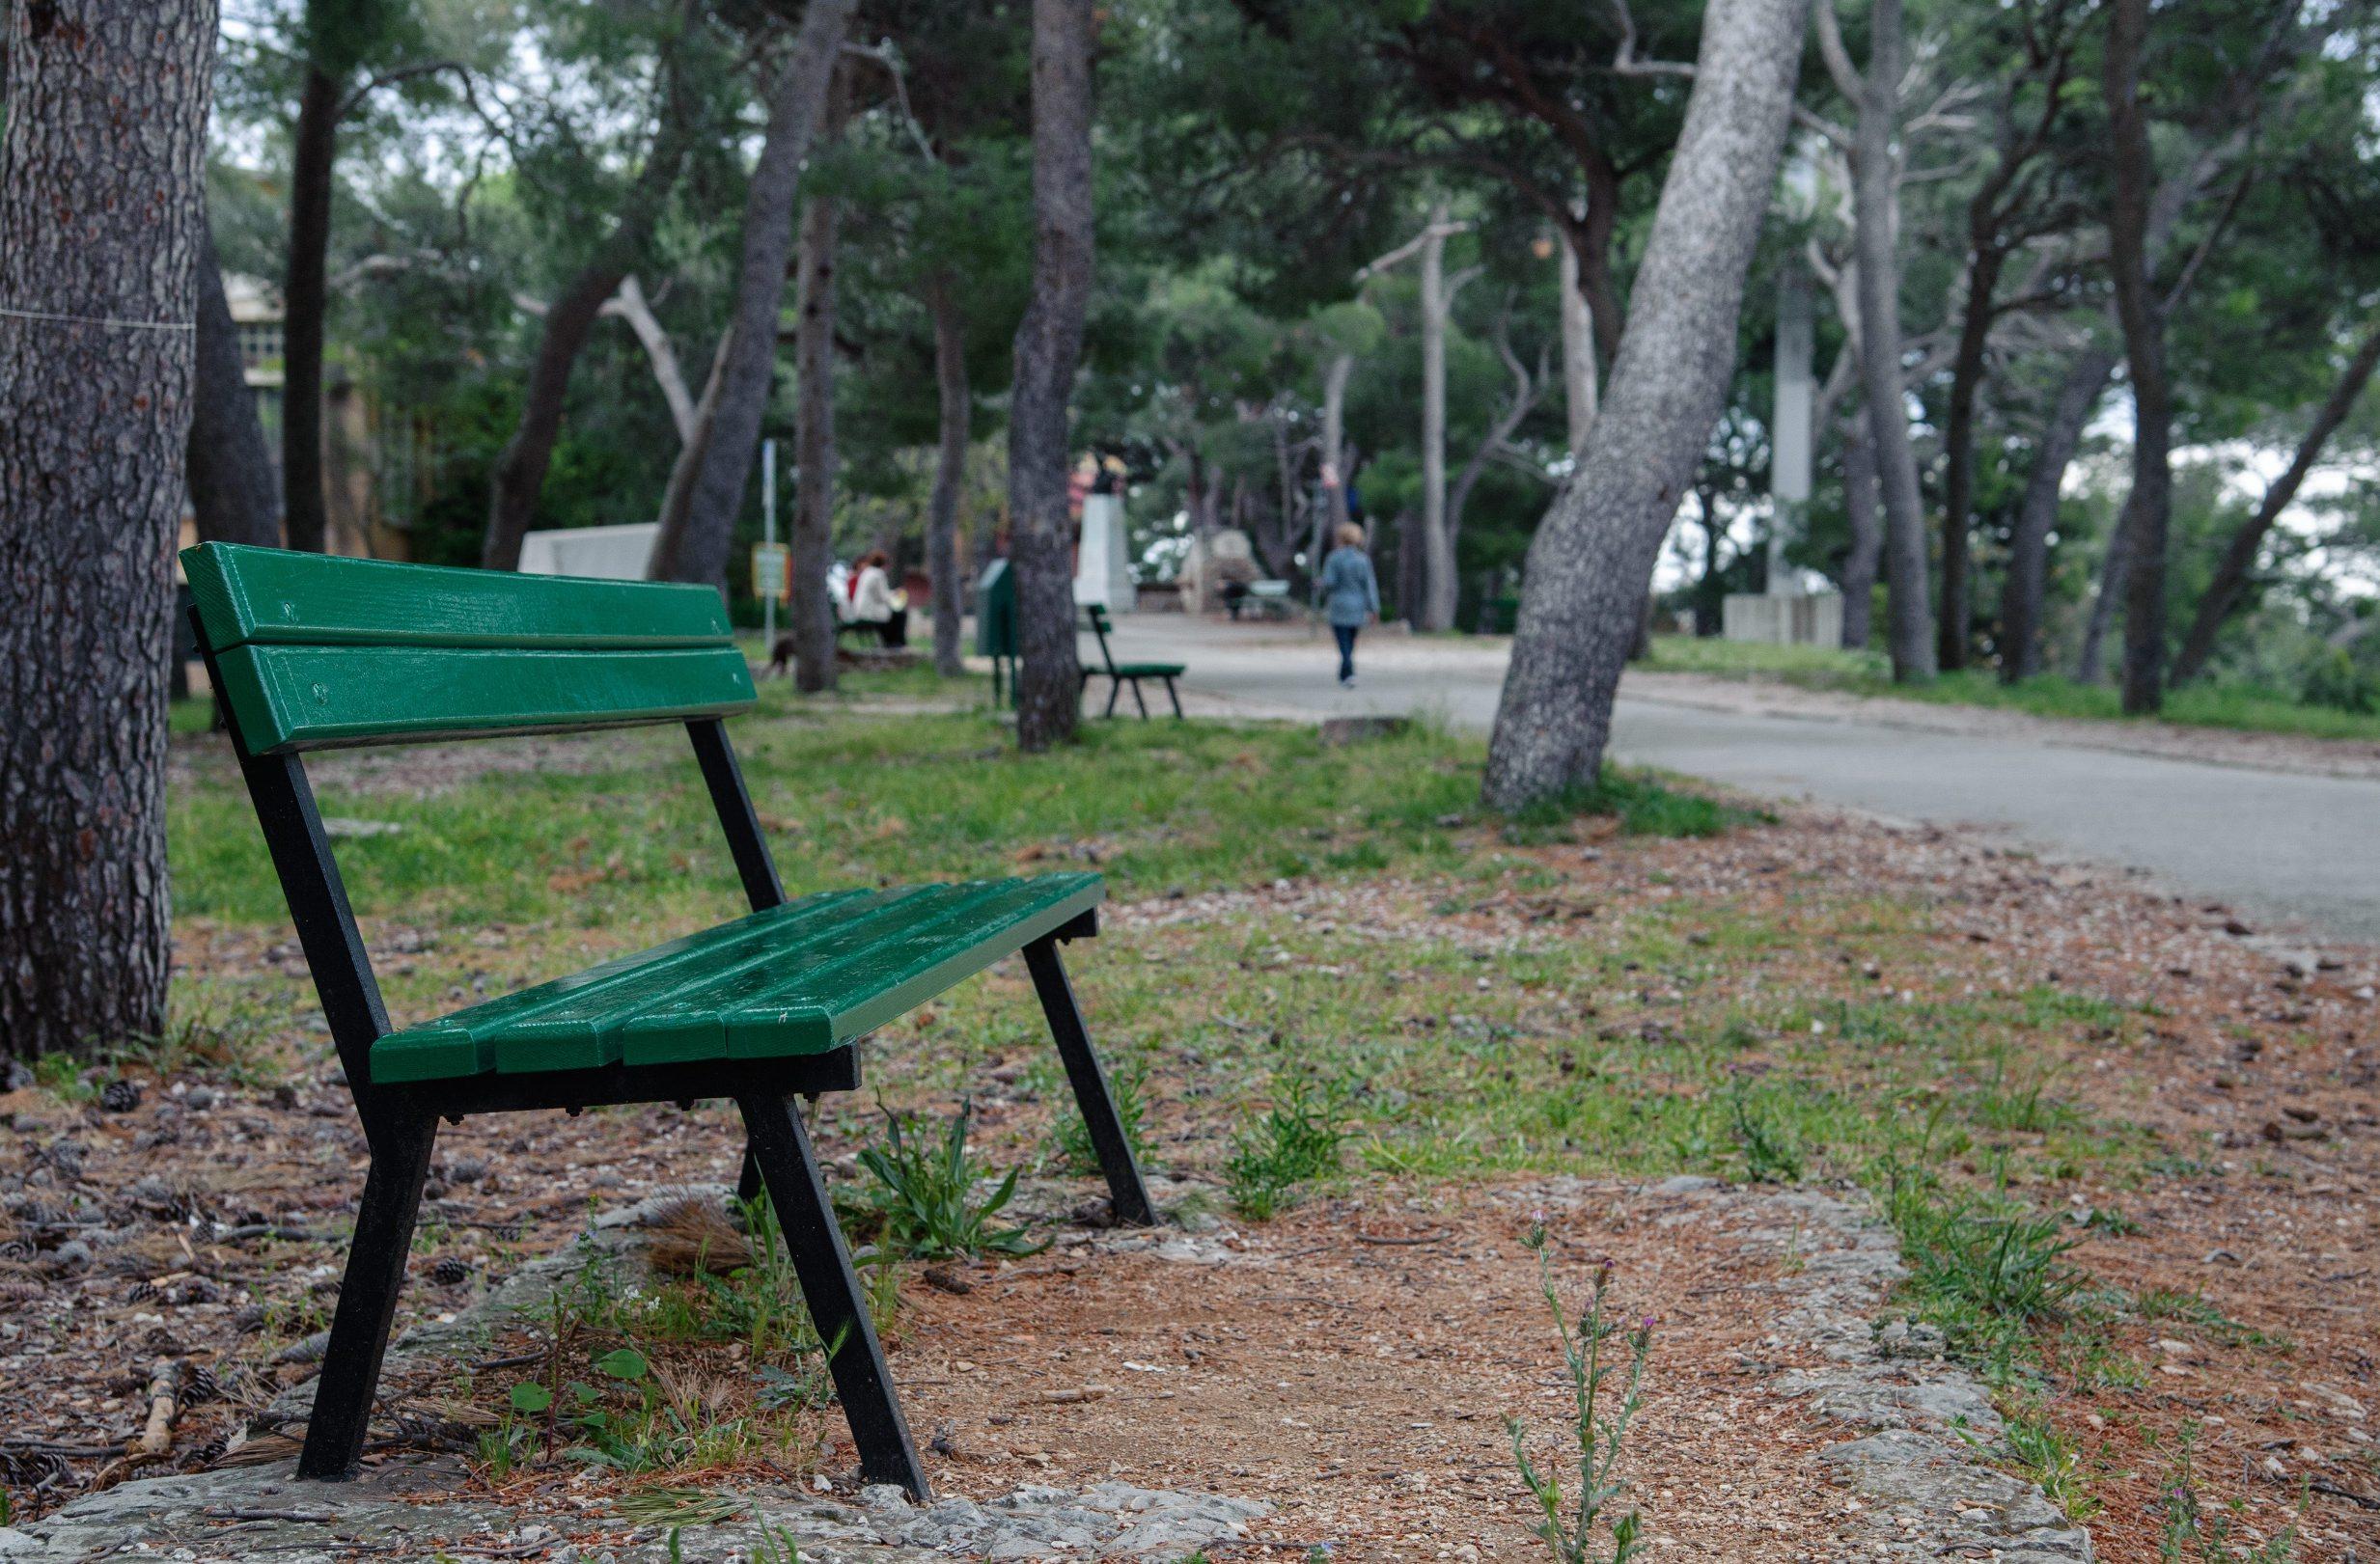 Split, 010519. Prvosvibanjska proslava se ove godine ne odrzava na Marjanu pa je plato kod zooloskog vrta prazan. Foto: Tom Dubravec / CROPIX